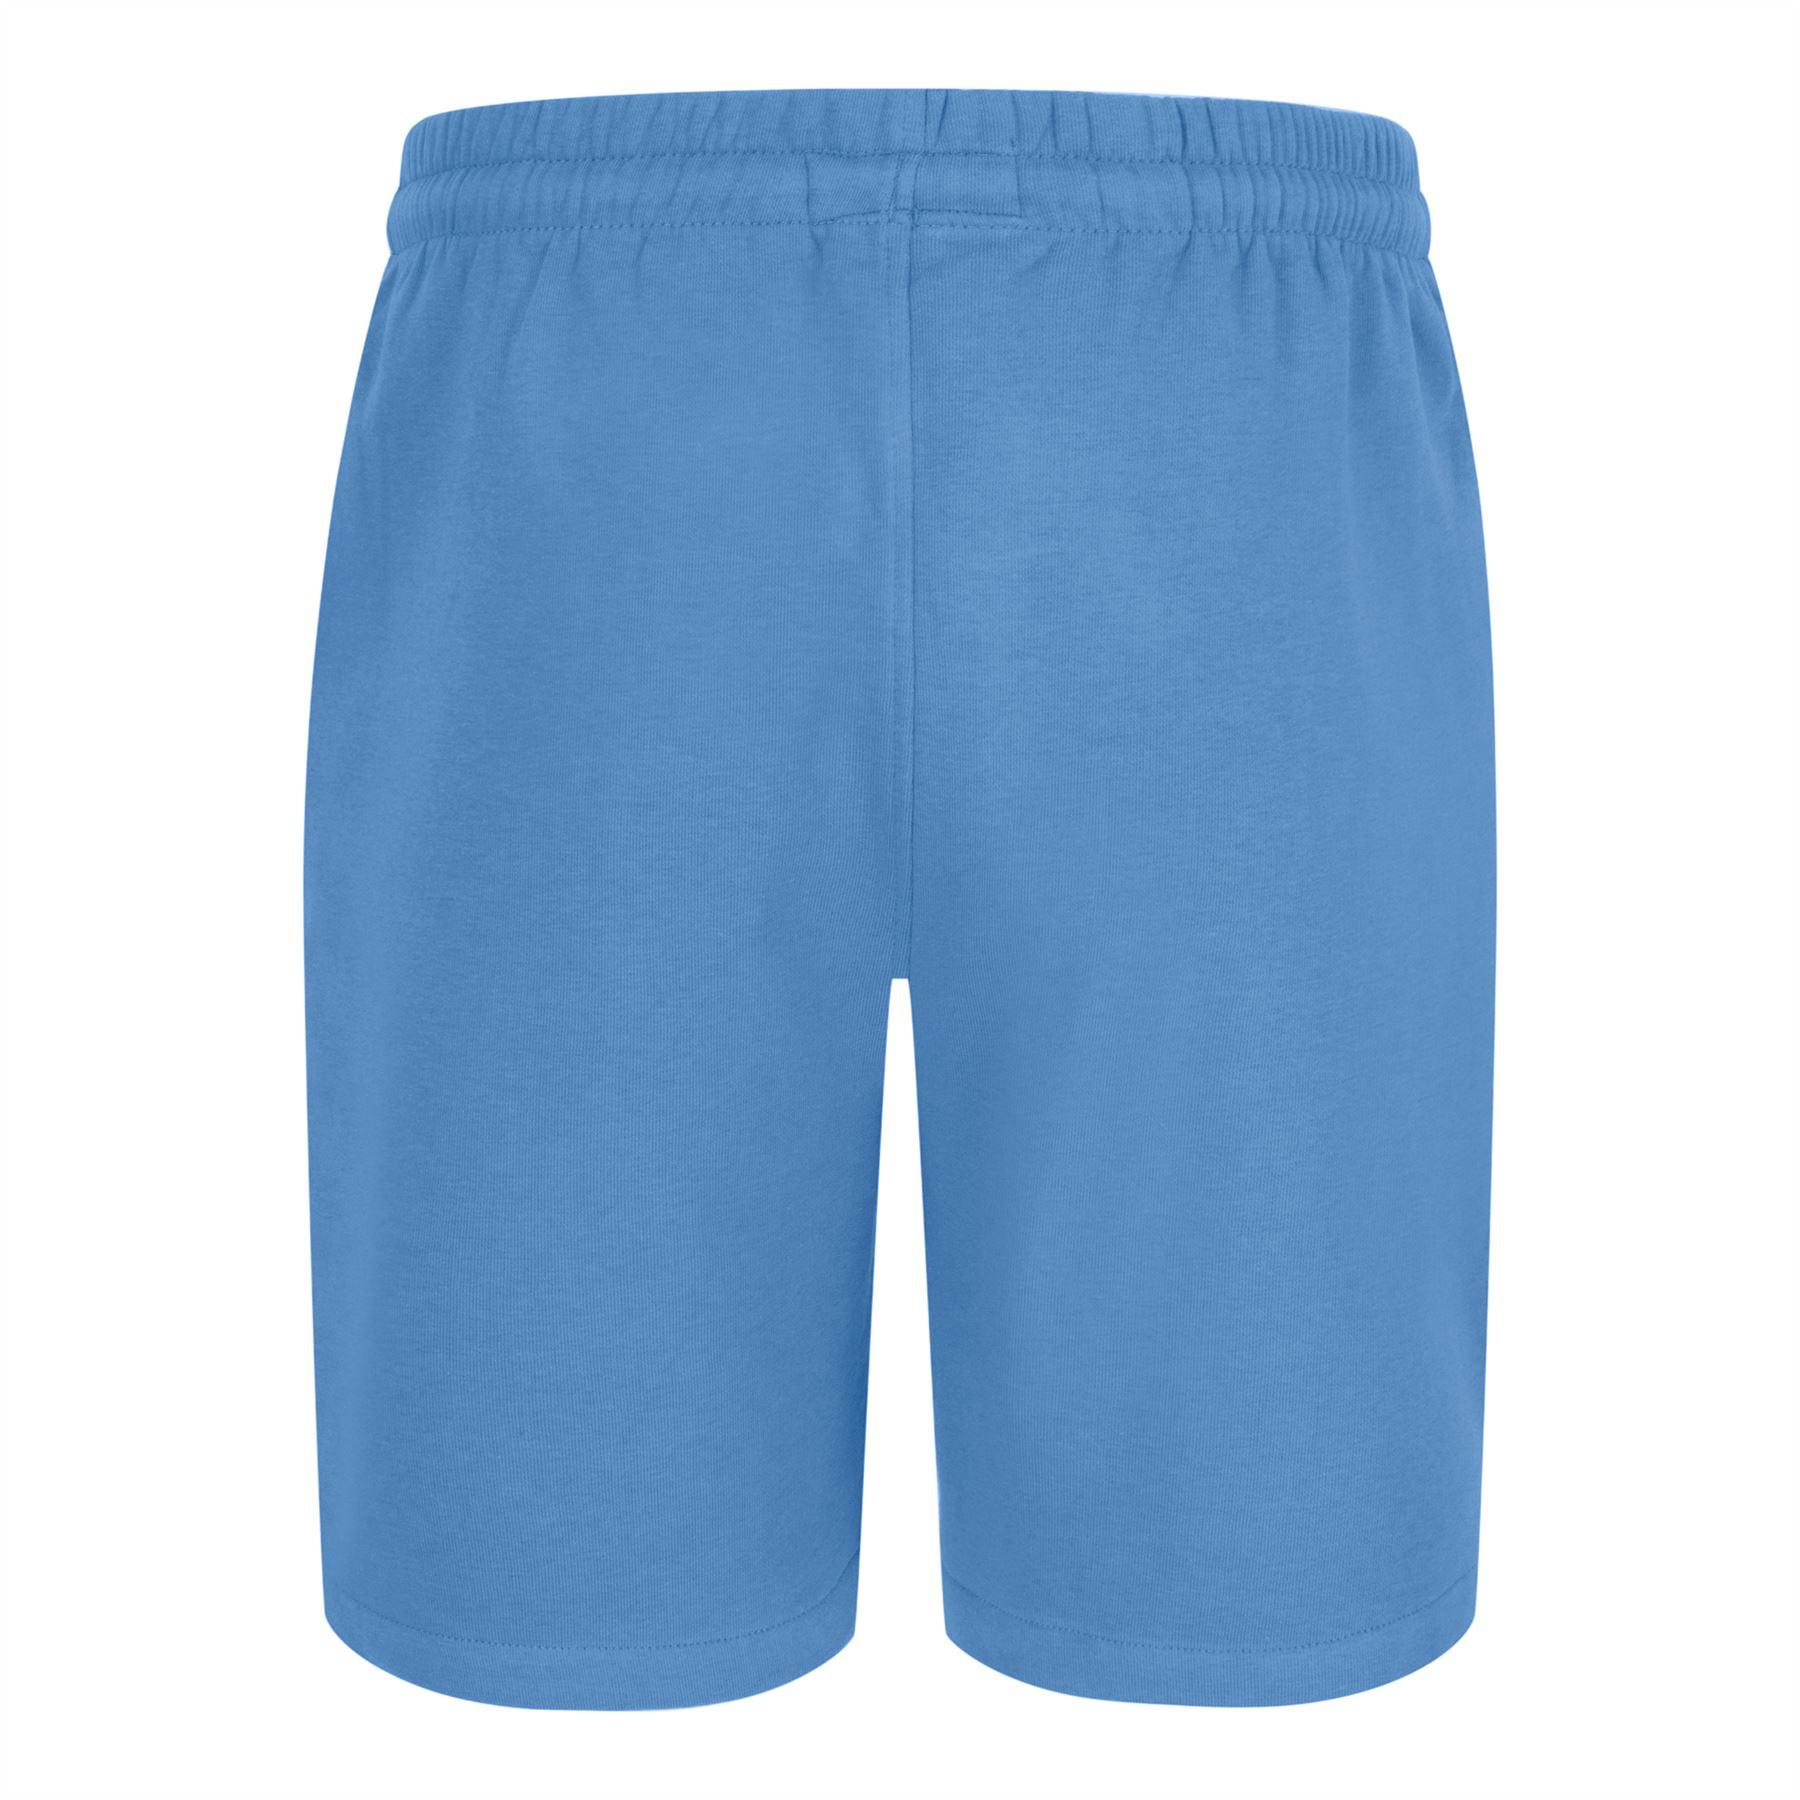 Garcons-Enfants-Jersey-Short-En-Coton-Ete-Decontracte-Premium-taille-elastique-Plage-Ete miniature 5